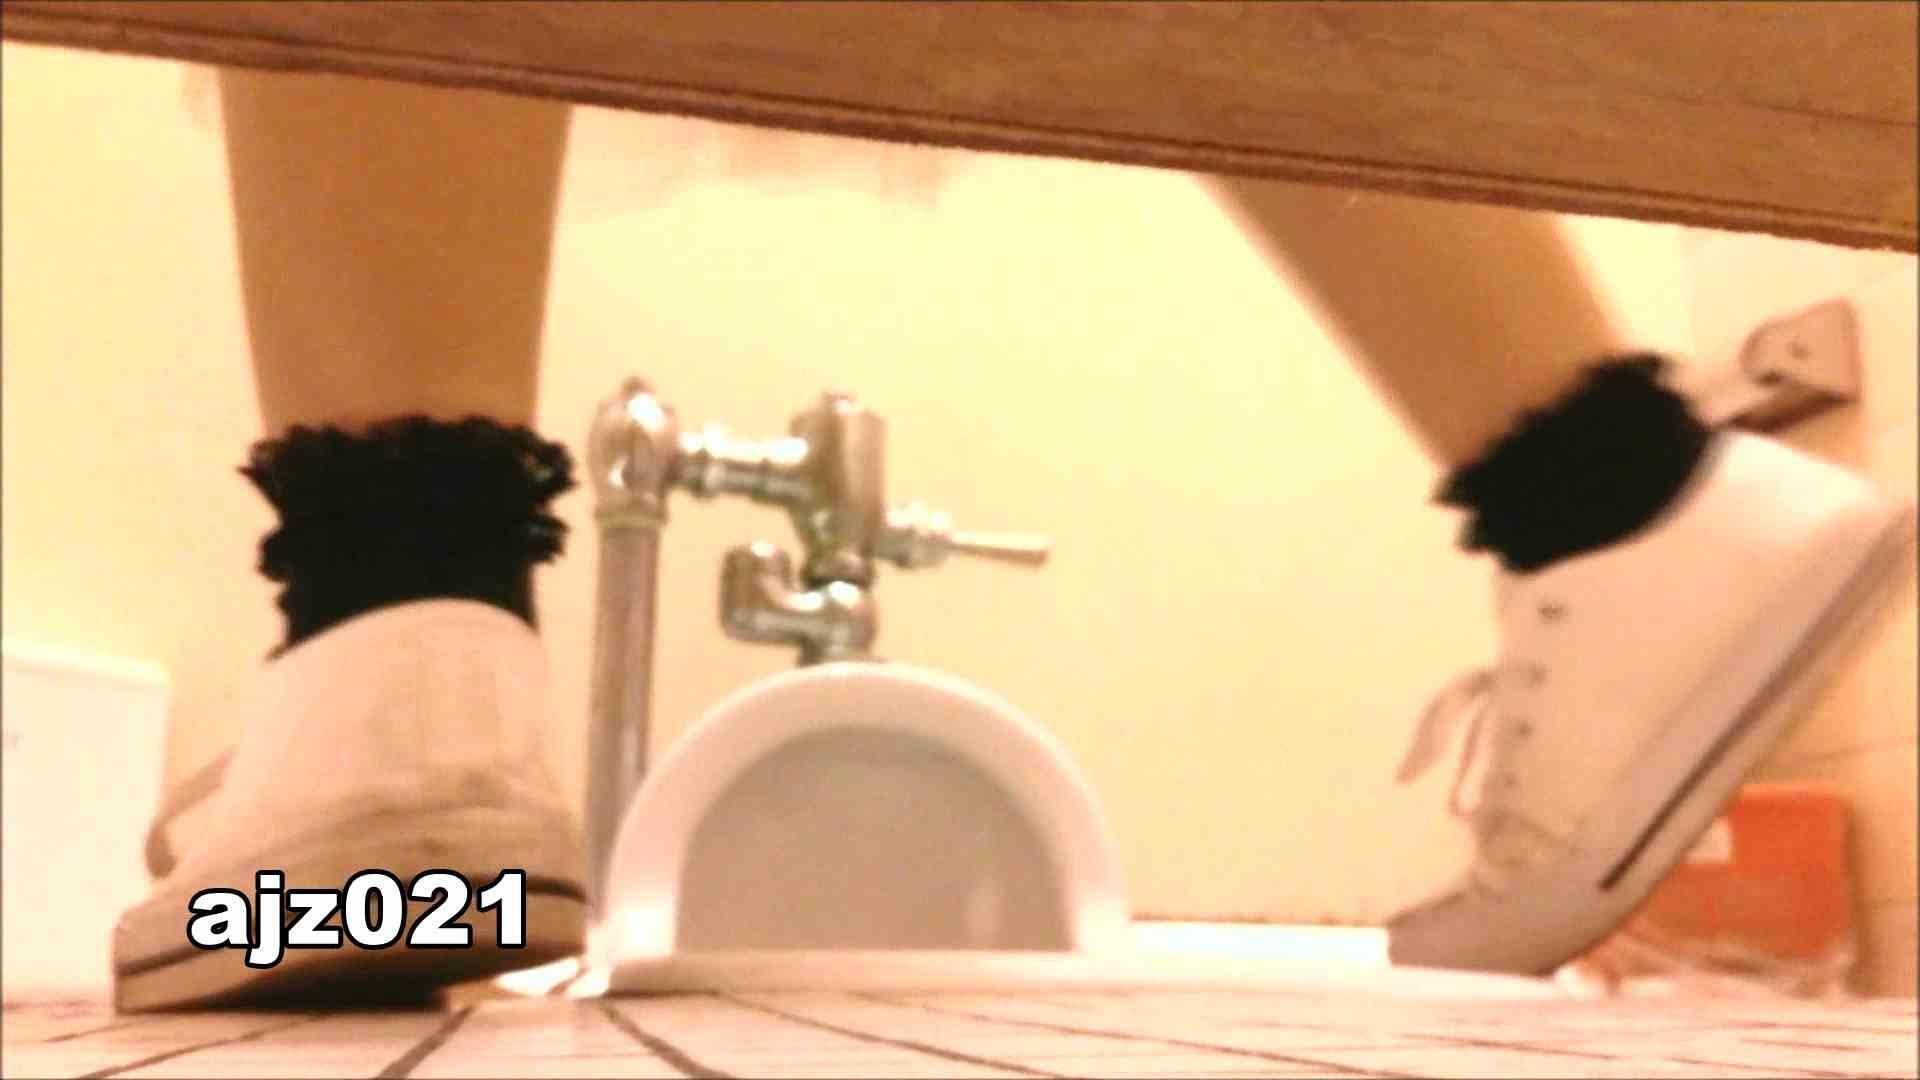 某有名大学女性洗面所 vol.21 和式 | 洗面所着替え  97連発 15